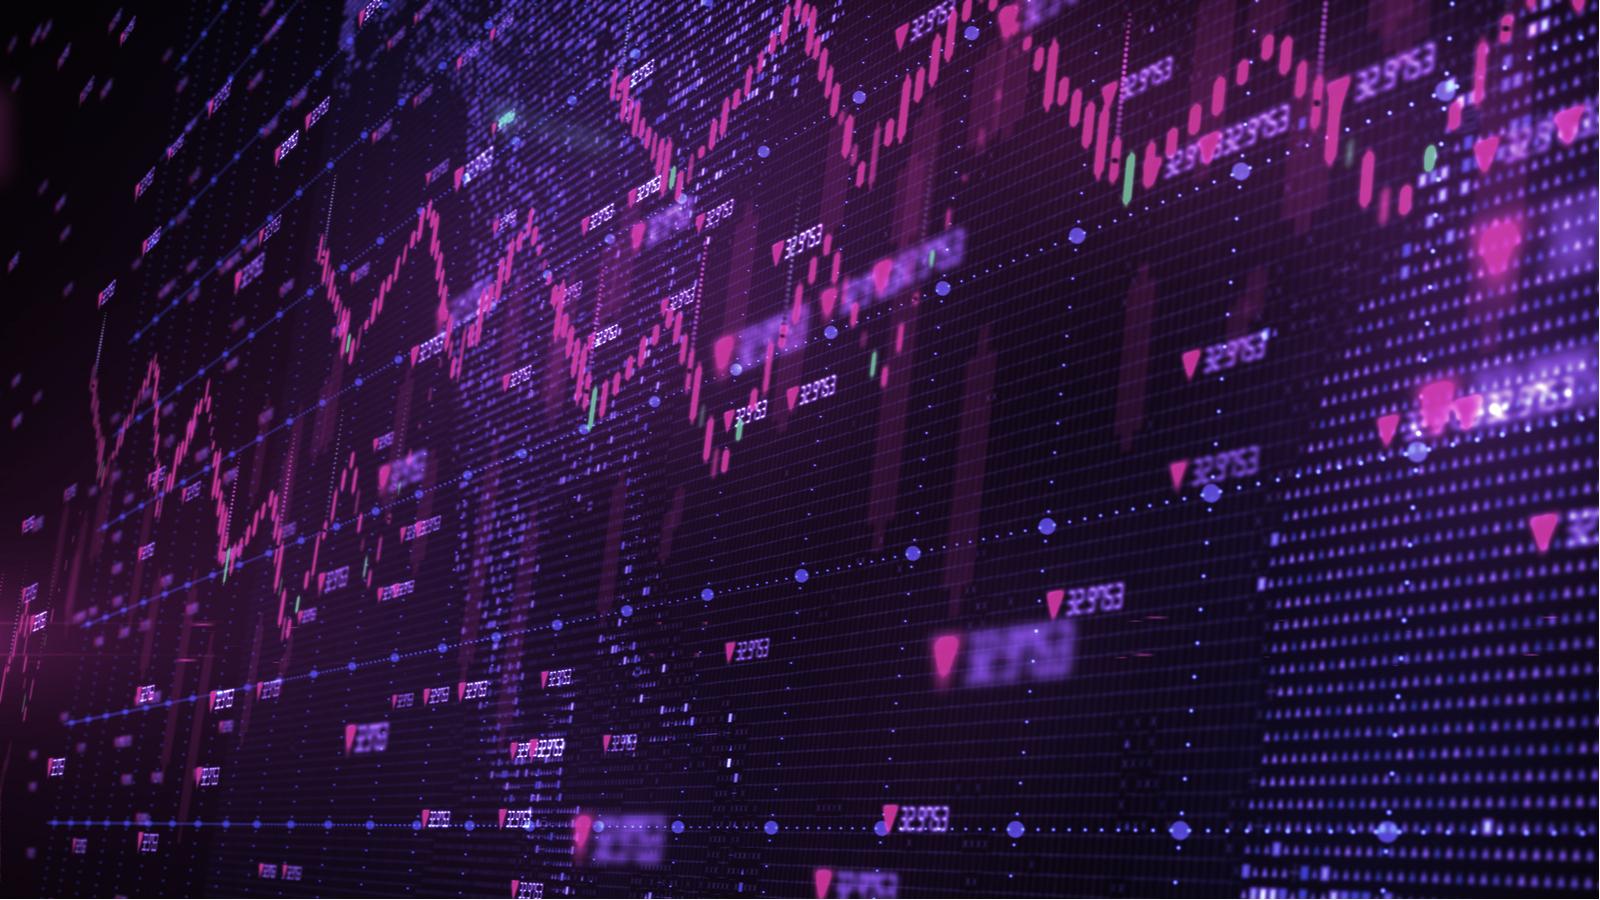 Over $1 Billion in Crypto Futures Liquidated Amid Evergrande Concerns